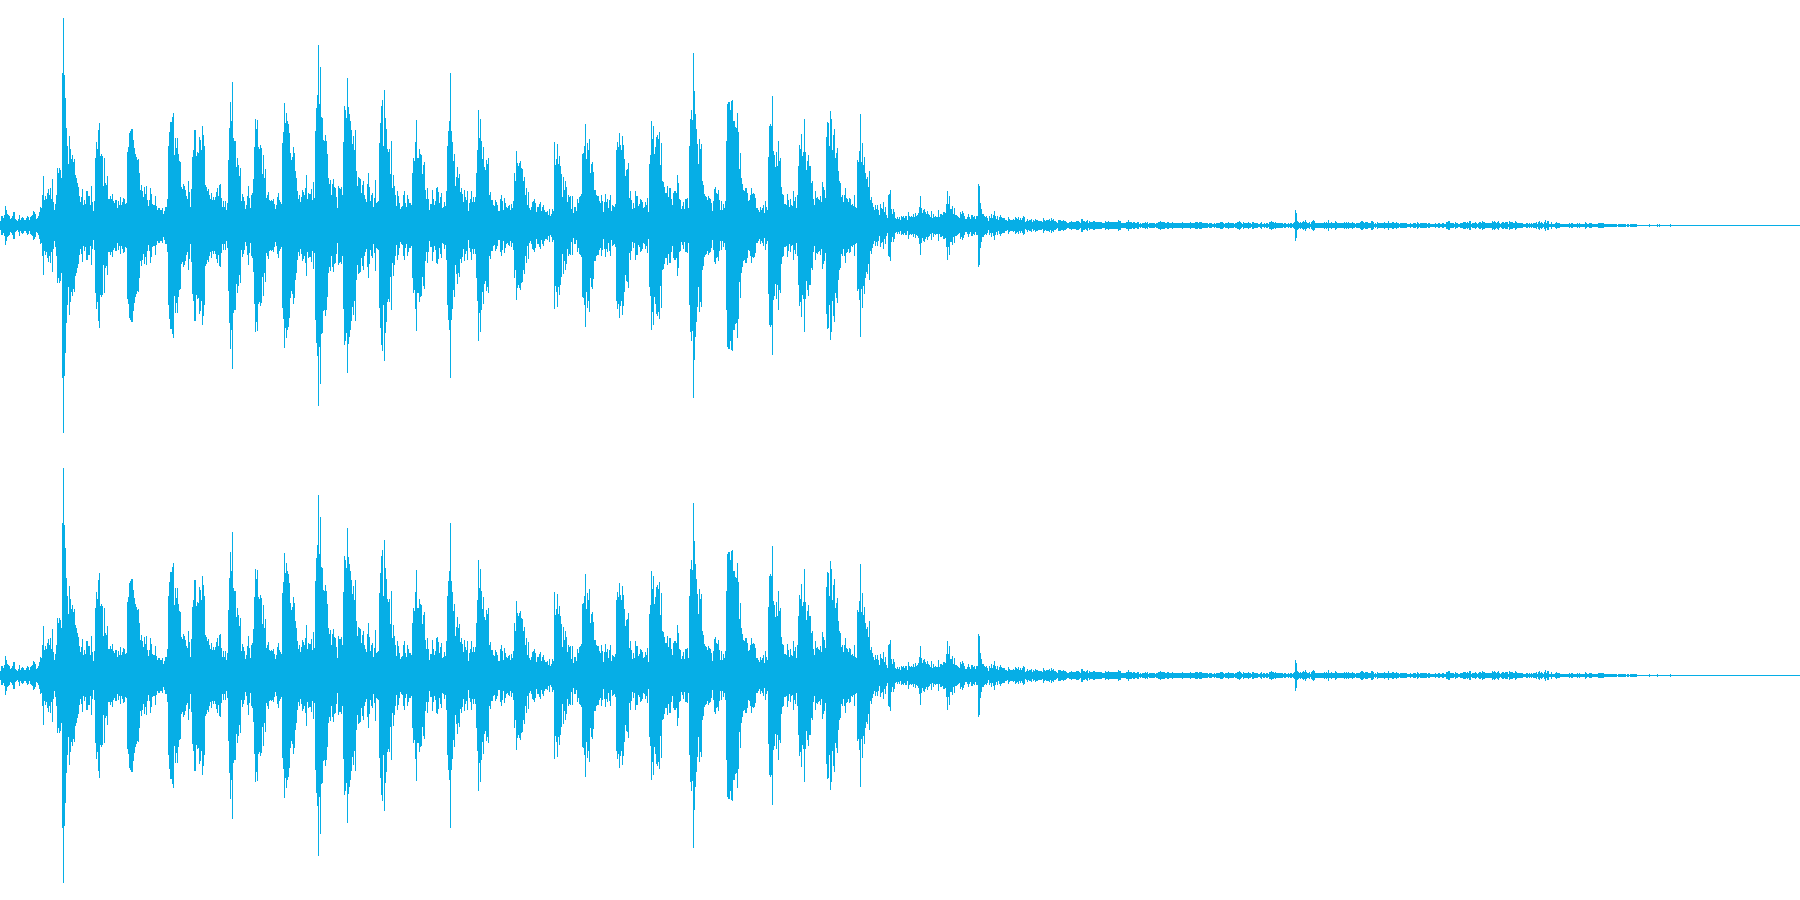 【銃声音002】マシンガンの音の再生済みの波形